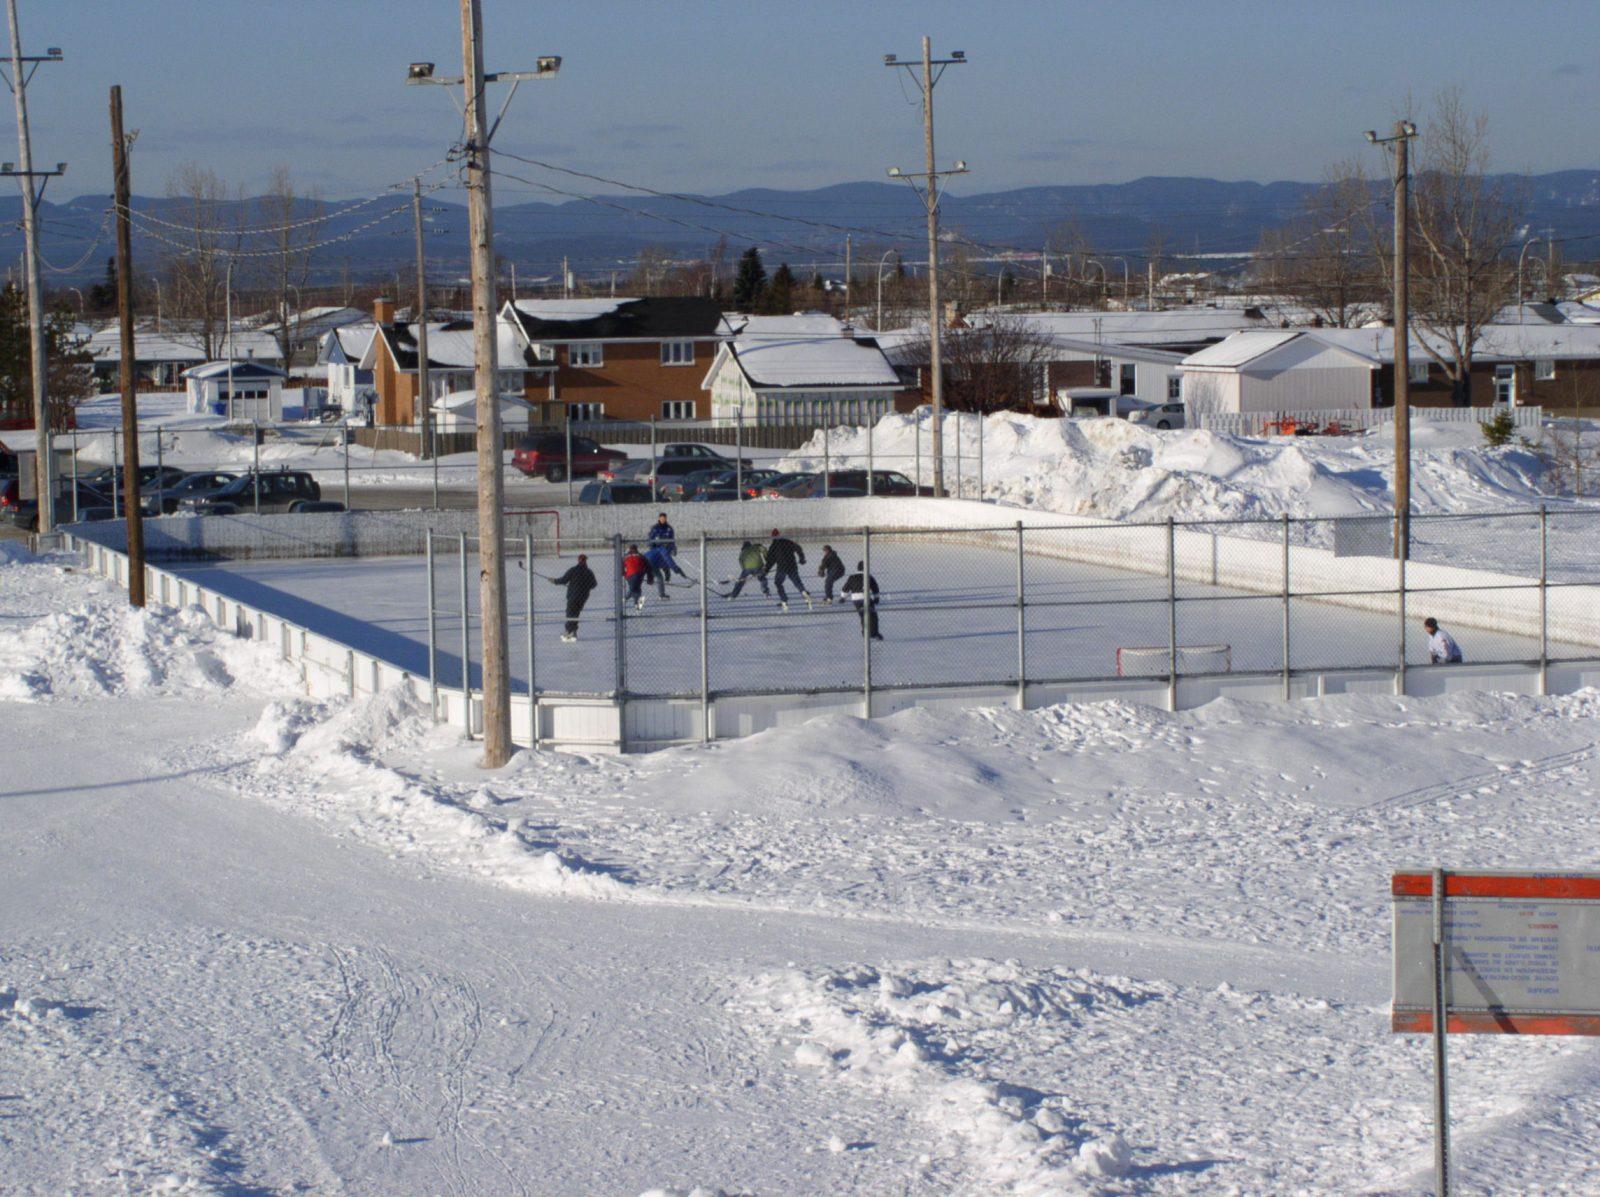 Encore un peu de patience pour les patinoires extérieures